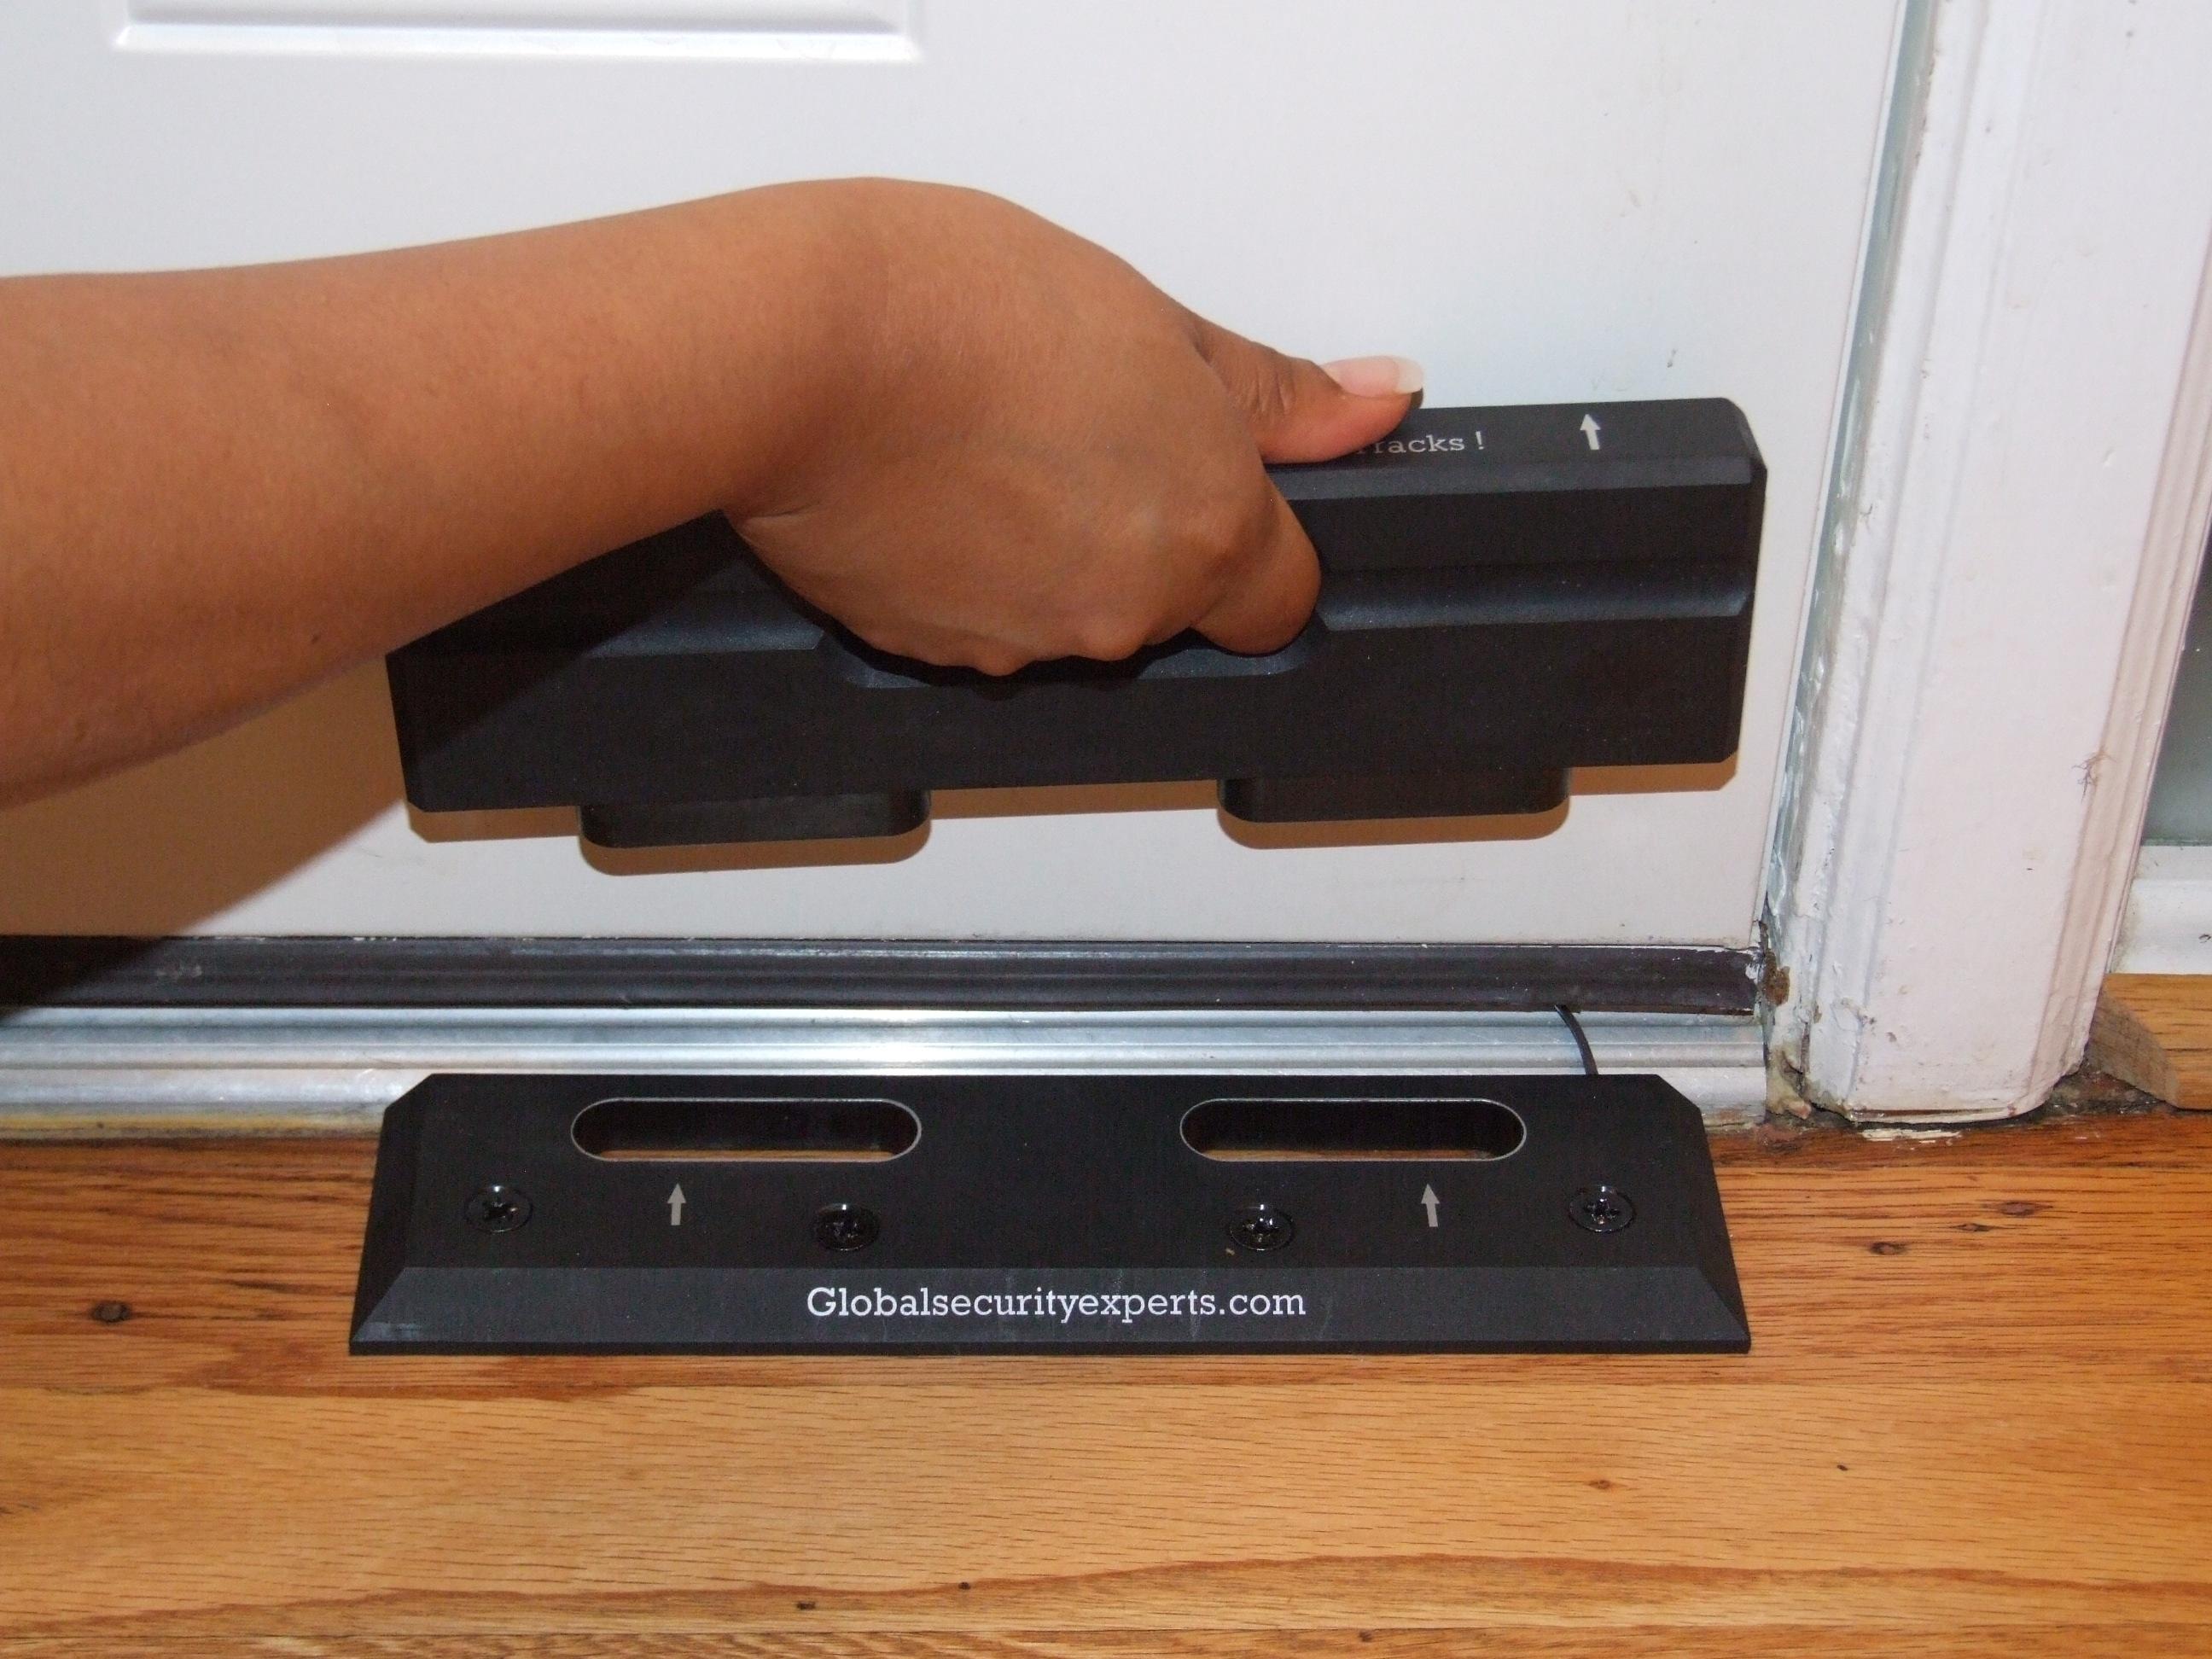 Ongard Security Door Brace Vip Waiting List Now Online